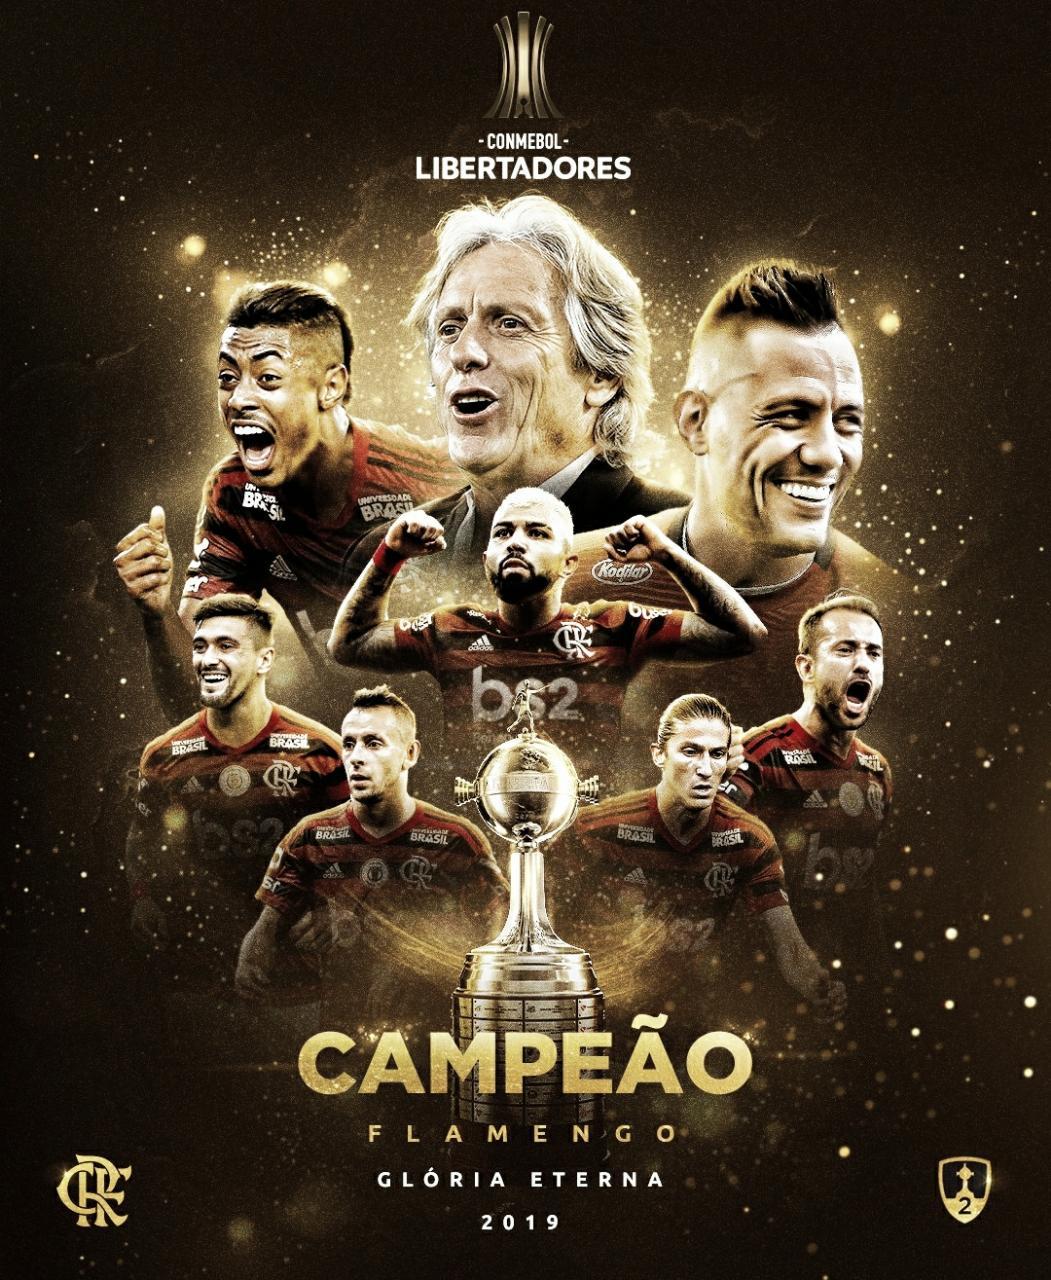 Emocionante: de virada, Flamengo vence River Plate e conquista Libertadores da América